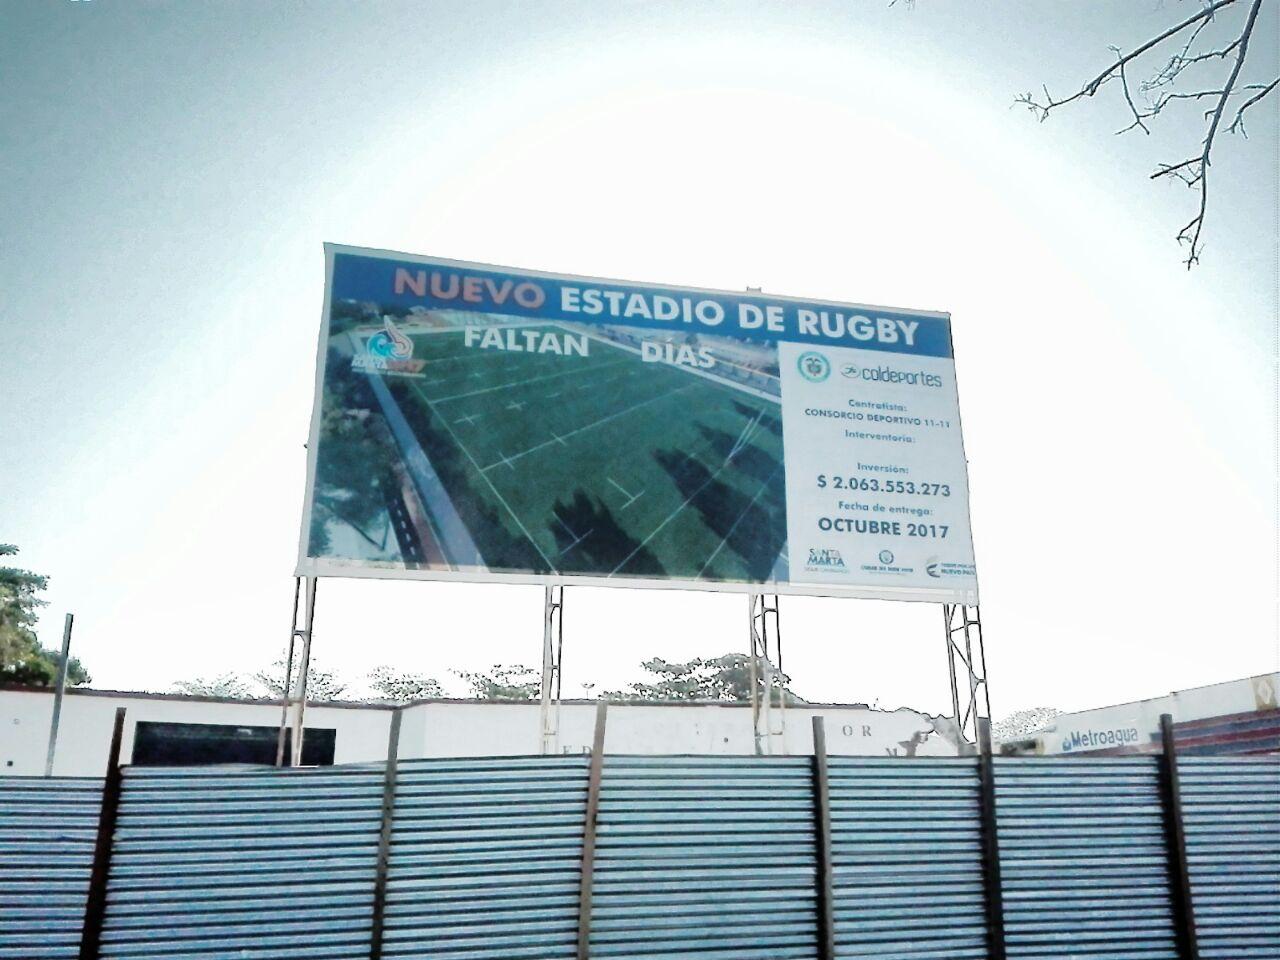 Estadio de Rugby. NO tiene conteo regresivo.